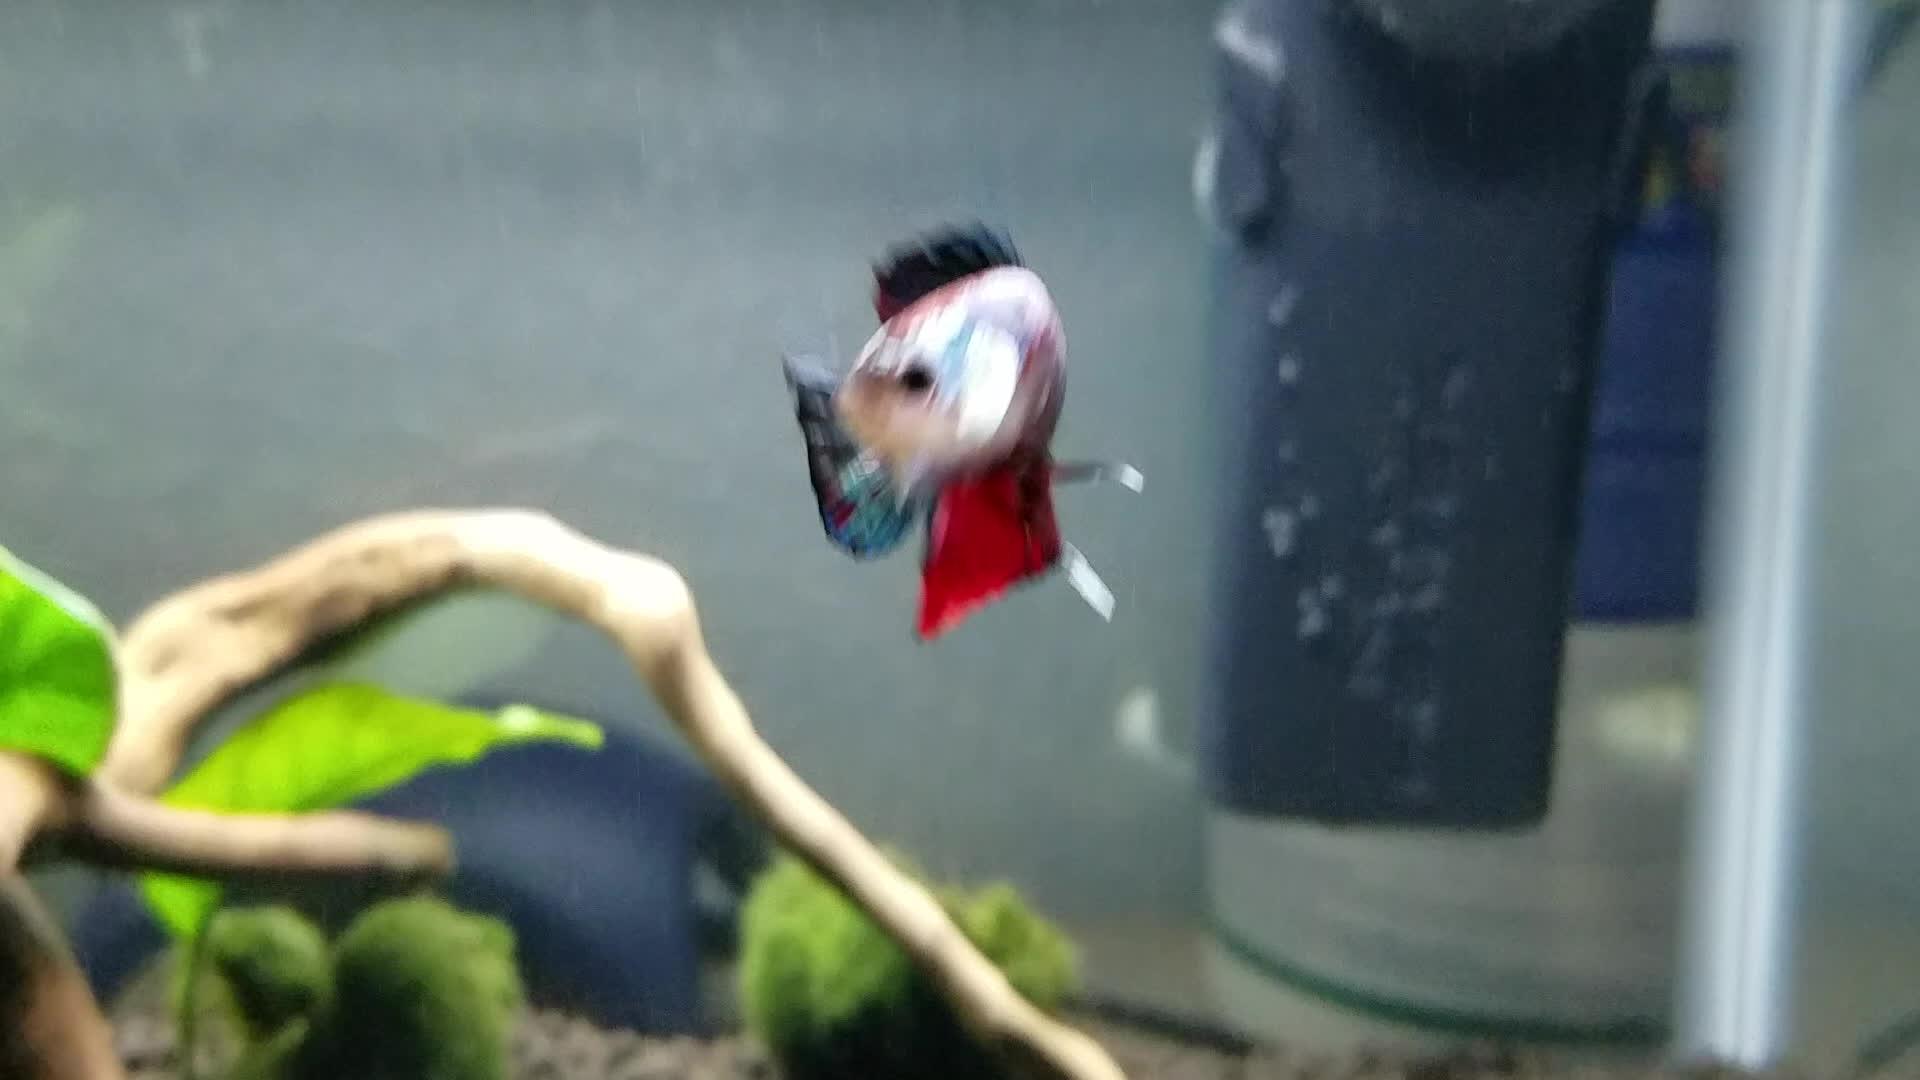 Aquariums, bettafish,  GIFs